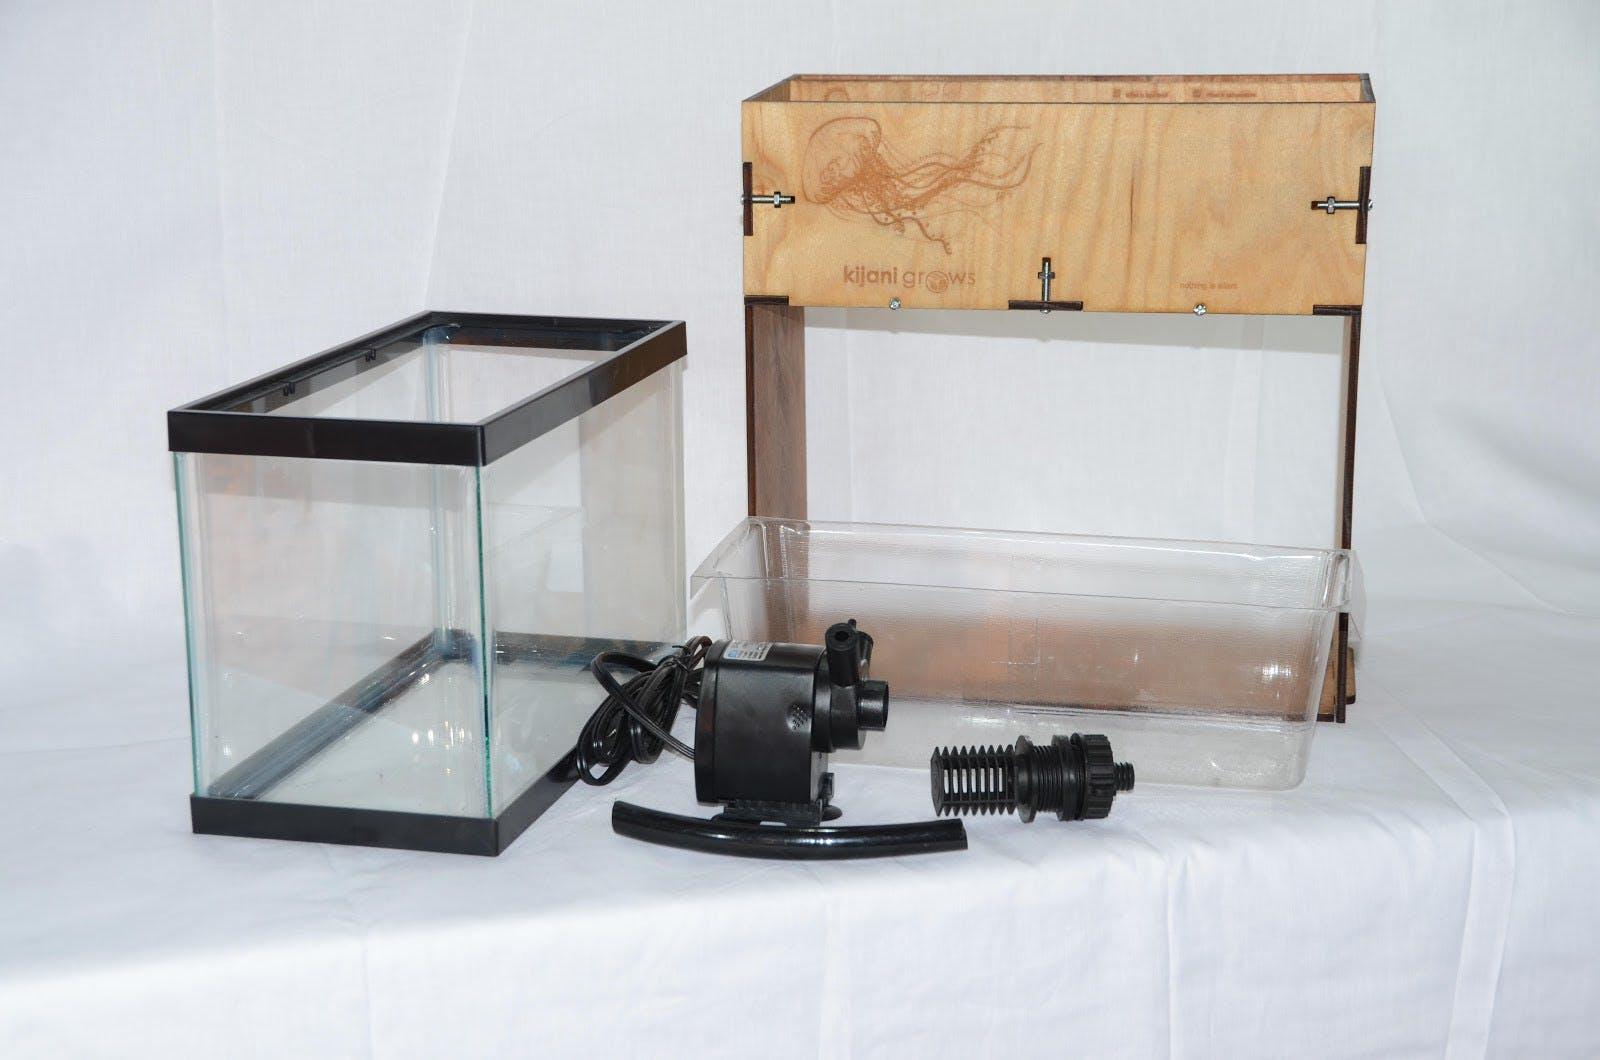 Jellyfish - A Smart Mini Aquaponics Garden